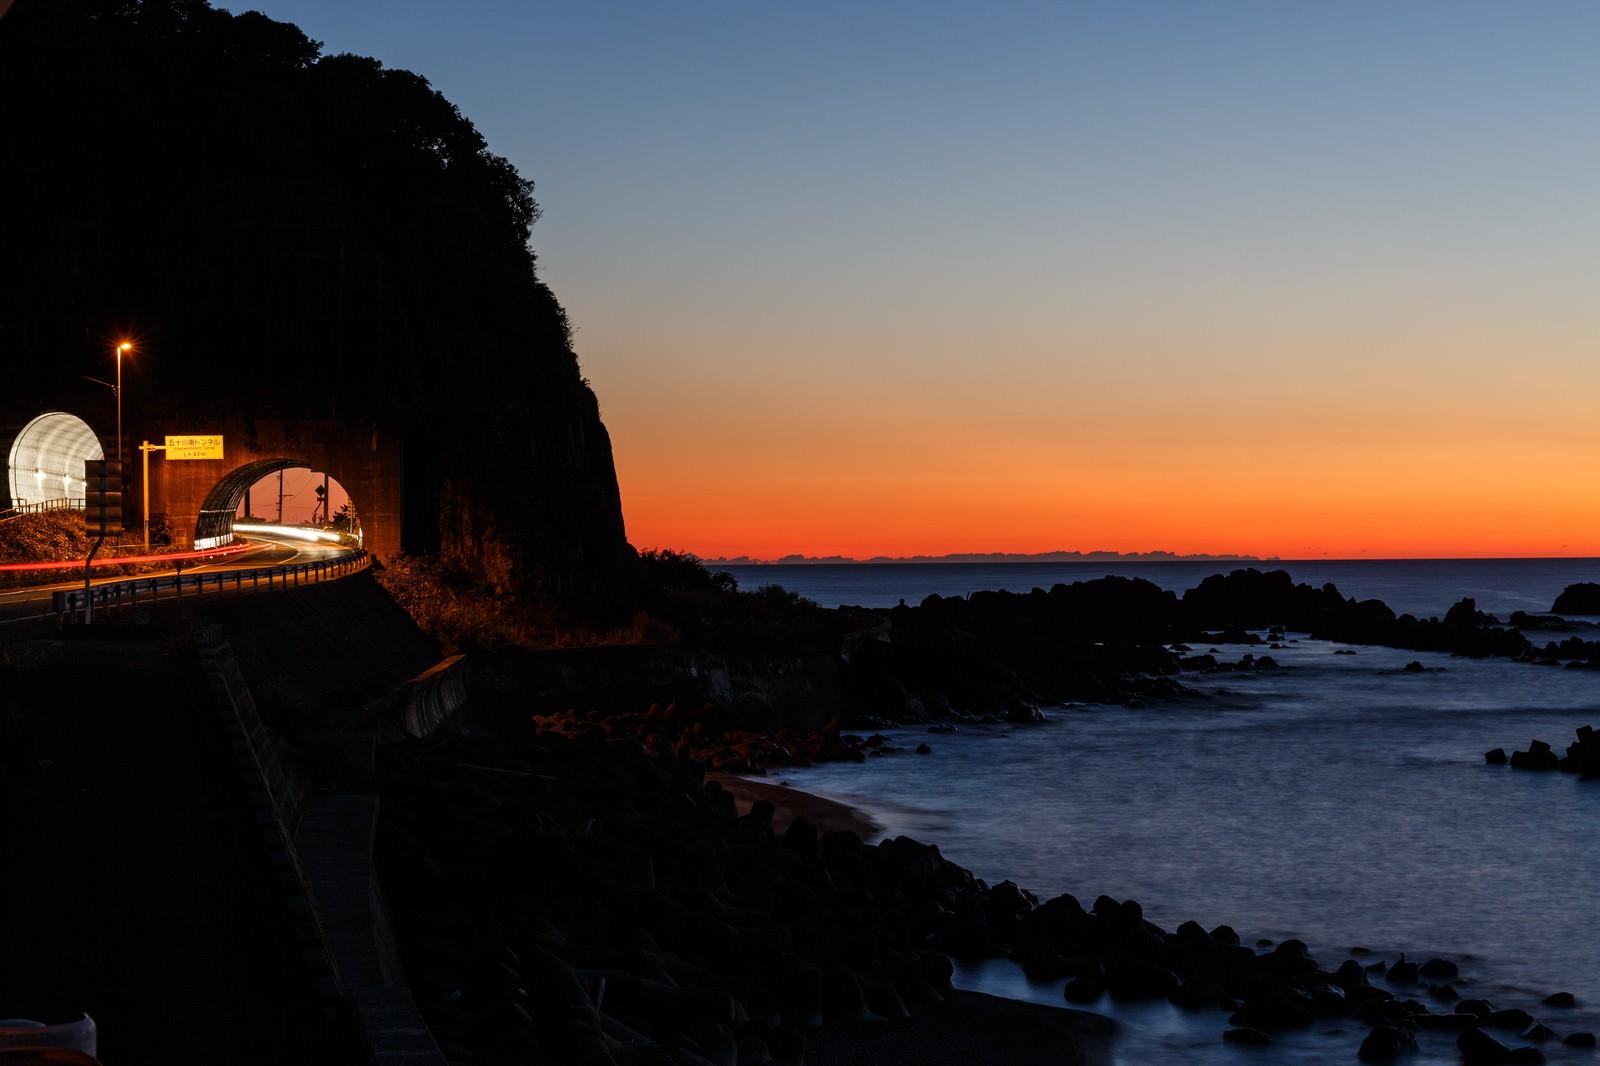 「日没の日本海と沿岸の道路」の写真